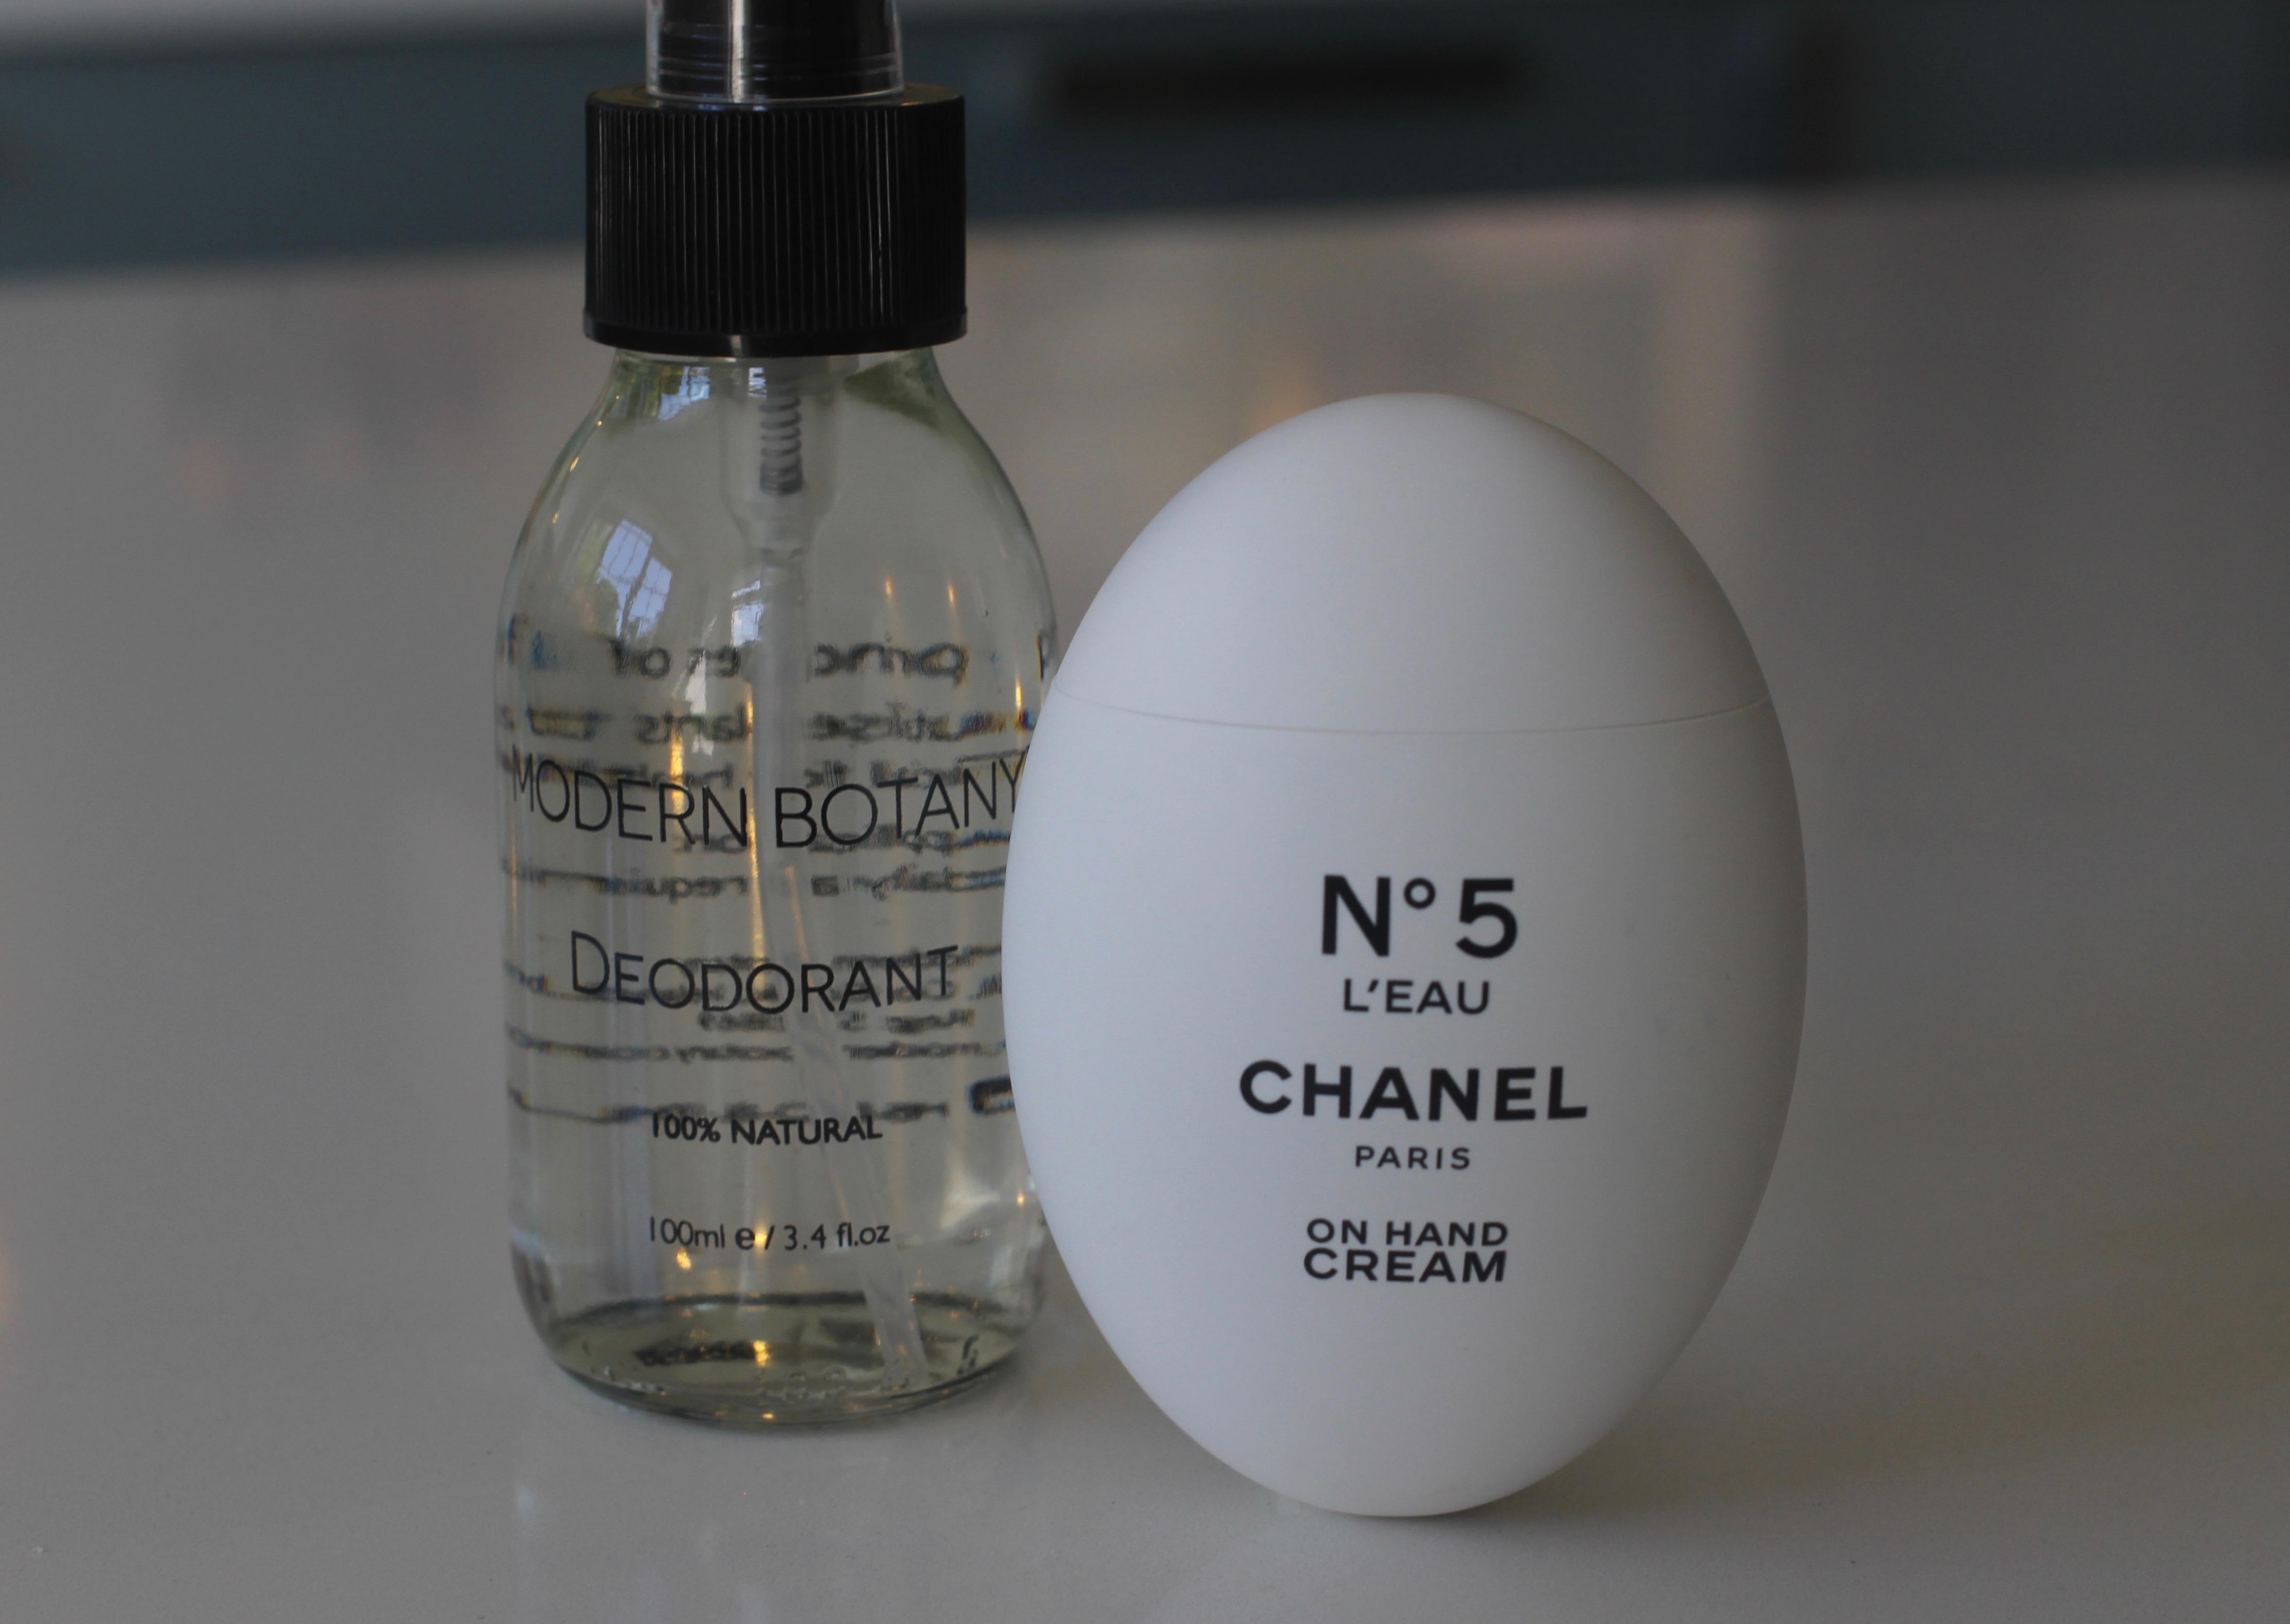 Chanel On Hand Cream